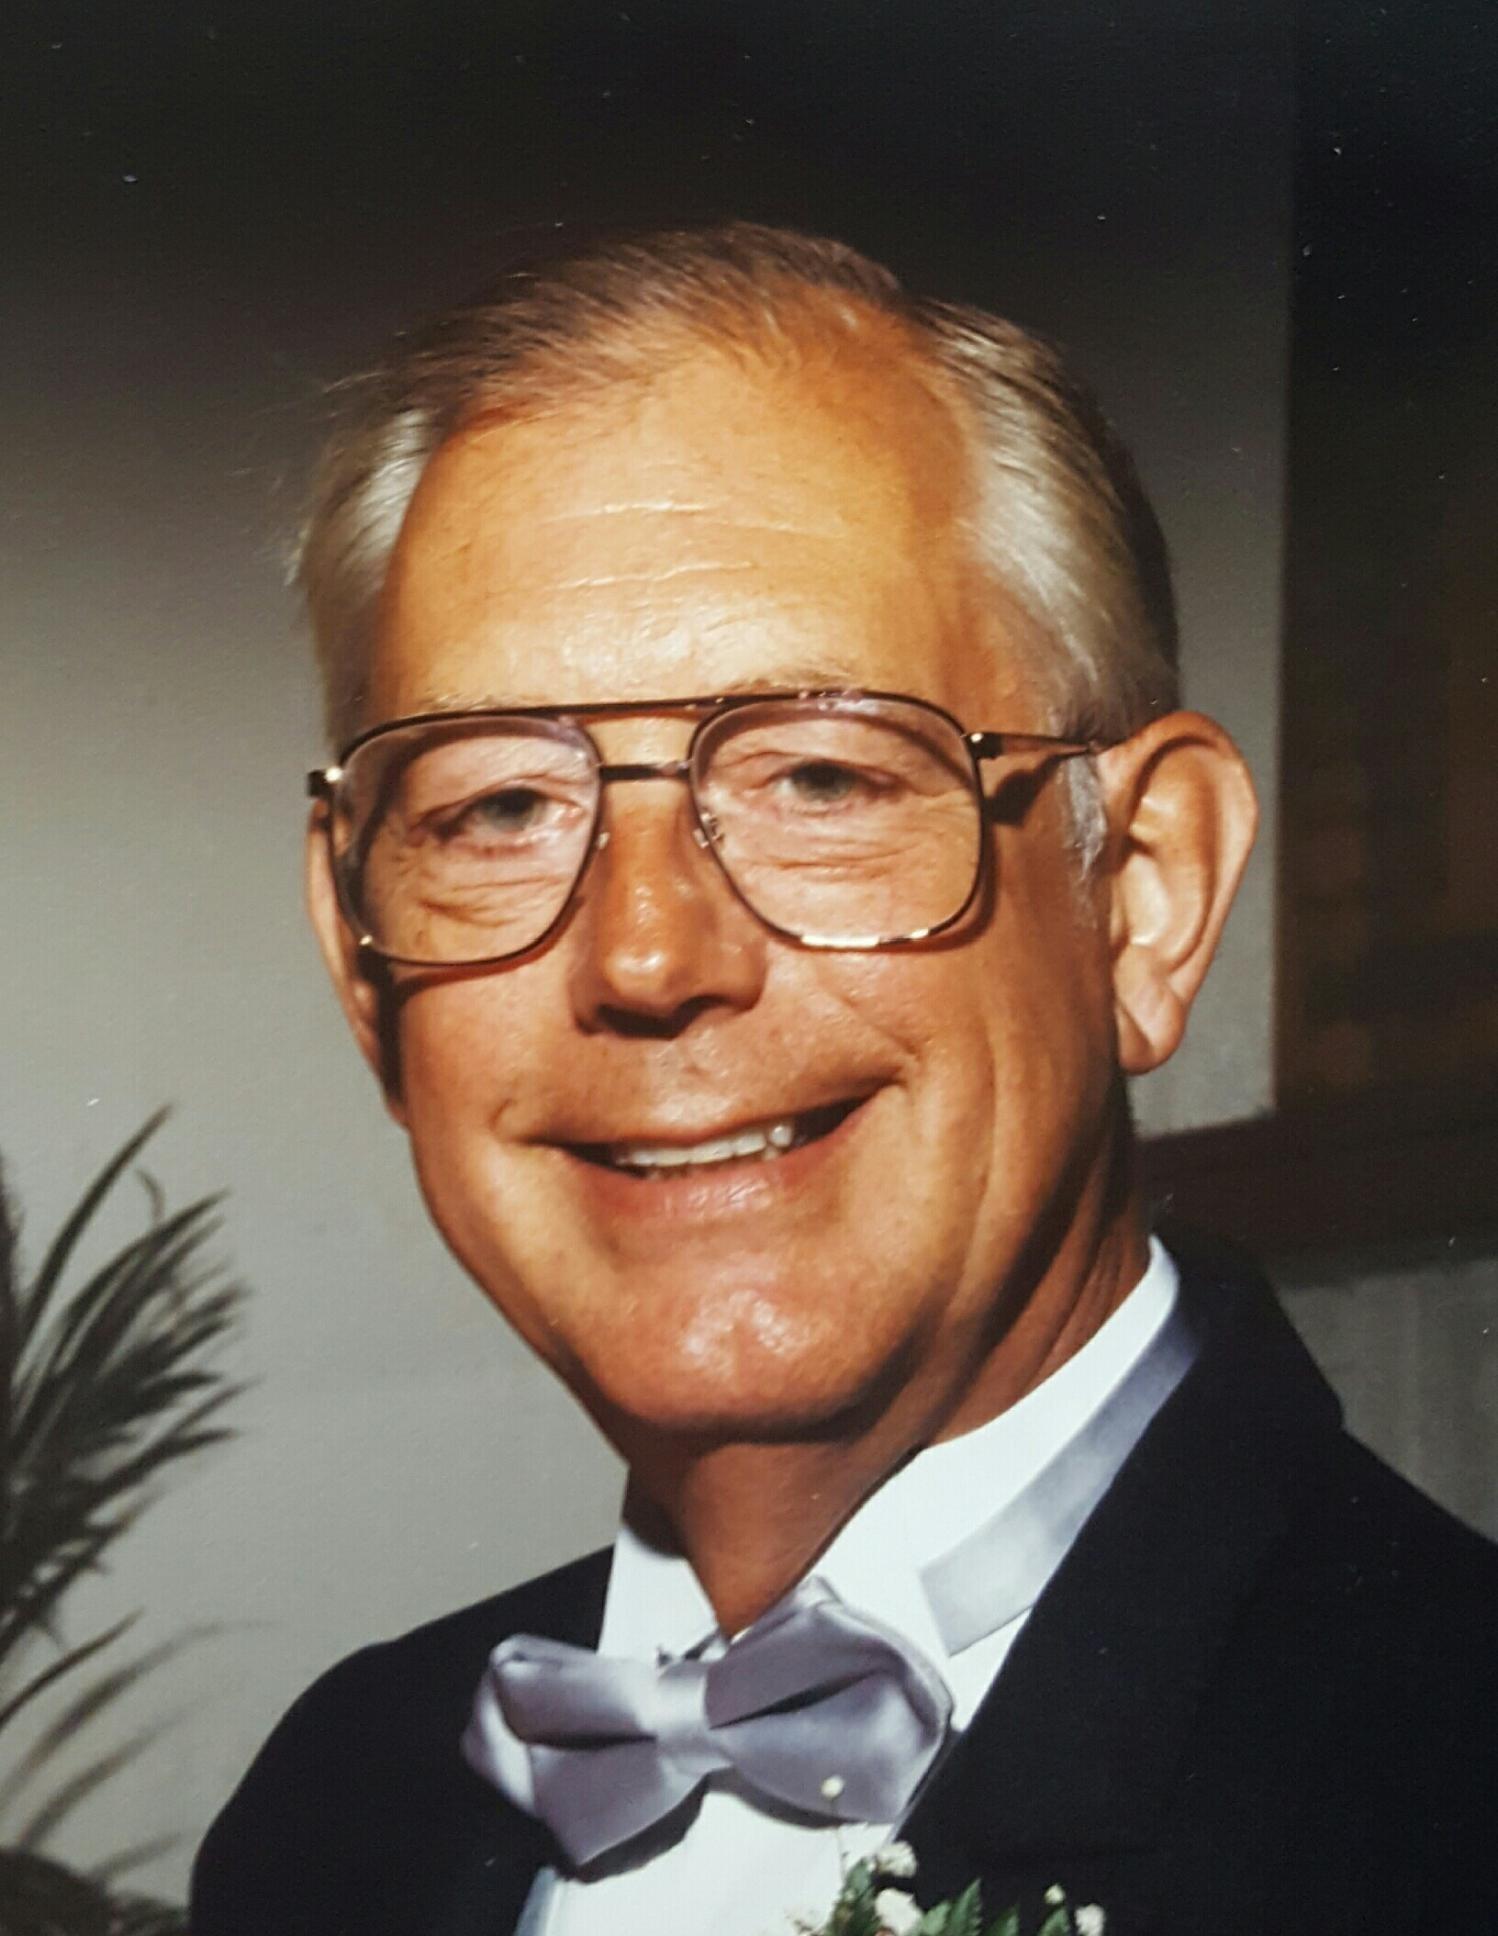 Dr. Harry Everett